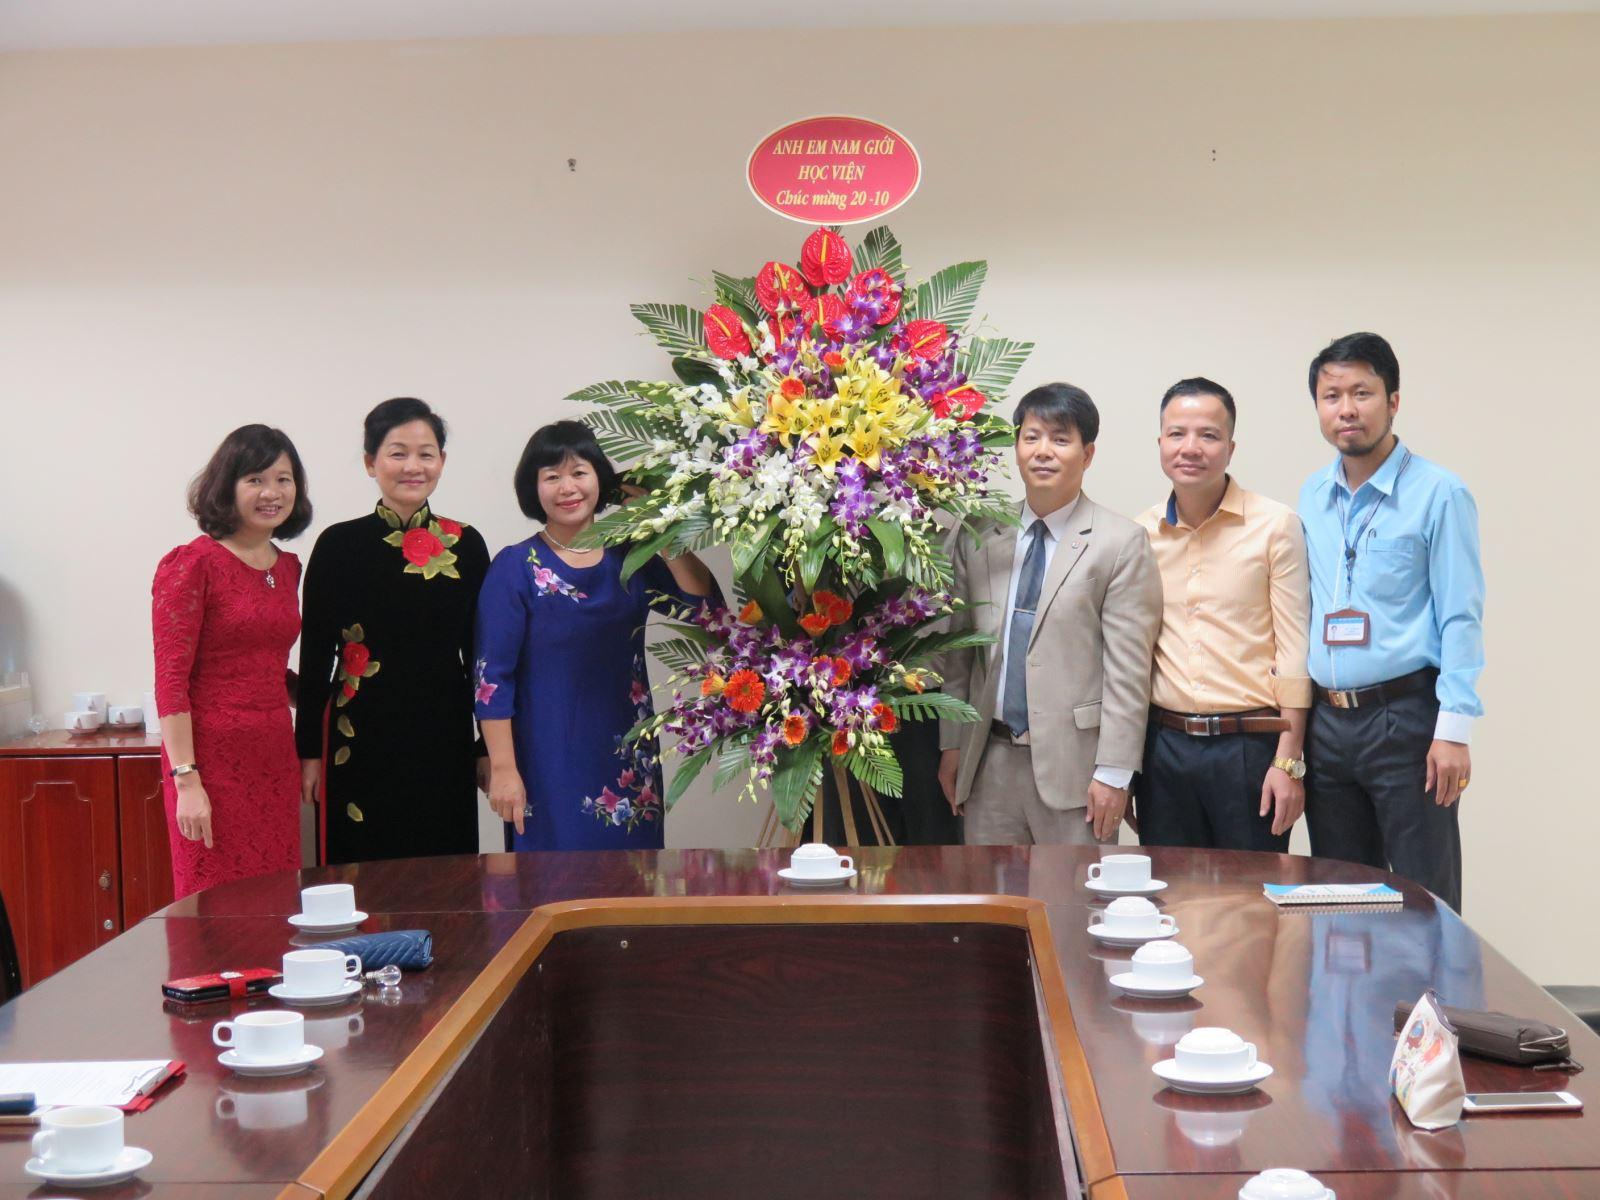 Lễ công bố Quyết định của Đoàn Chủ tịch Hội Liên hiệp Phụ nữ Việt Nam bổ nhiệm Phó Giám đốc Học viện Phụ nữ Việt Nam